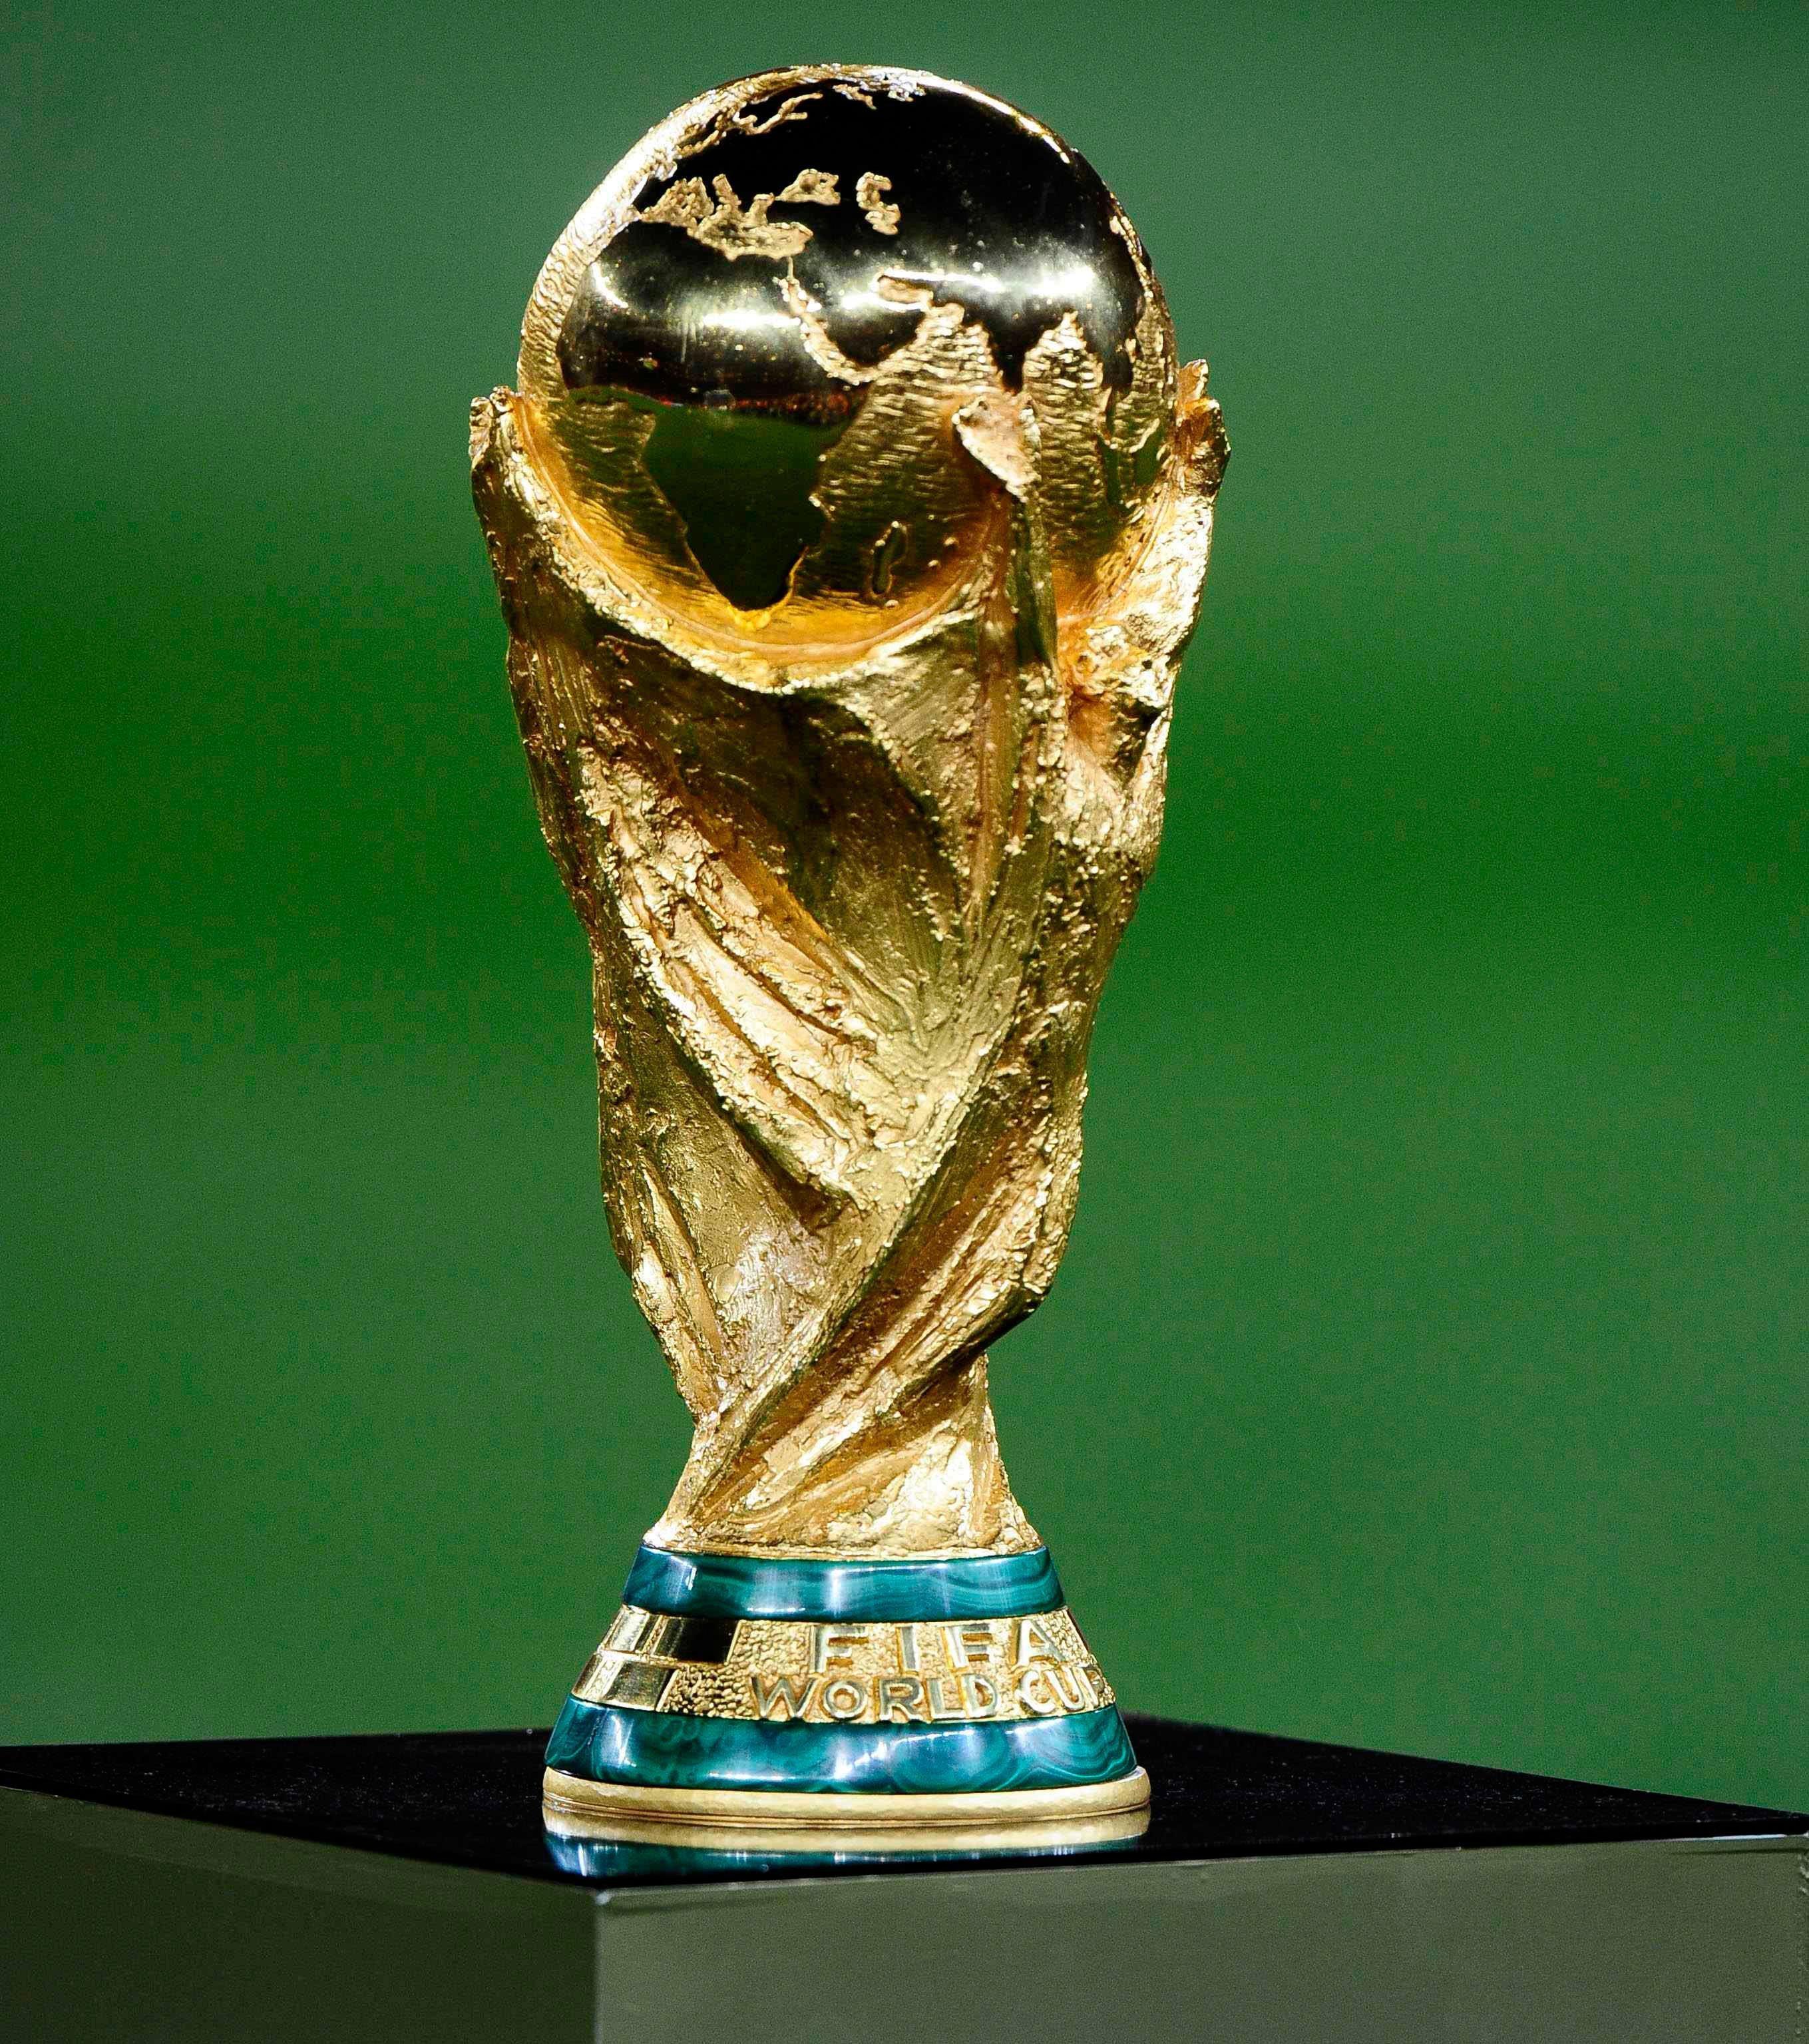 Quizz records de la coupe du monde de football quiz - Tous les buts de la coupe du monde 2006 ...